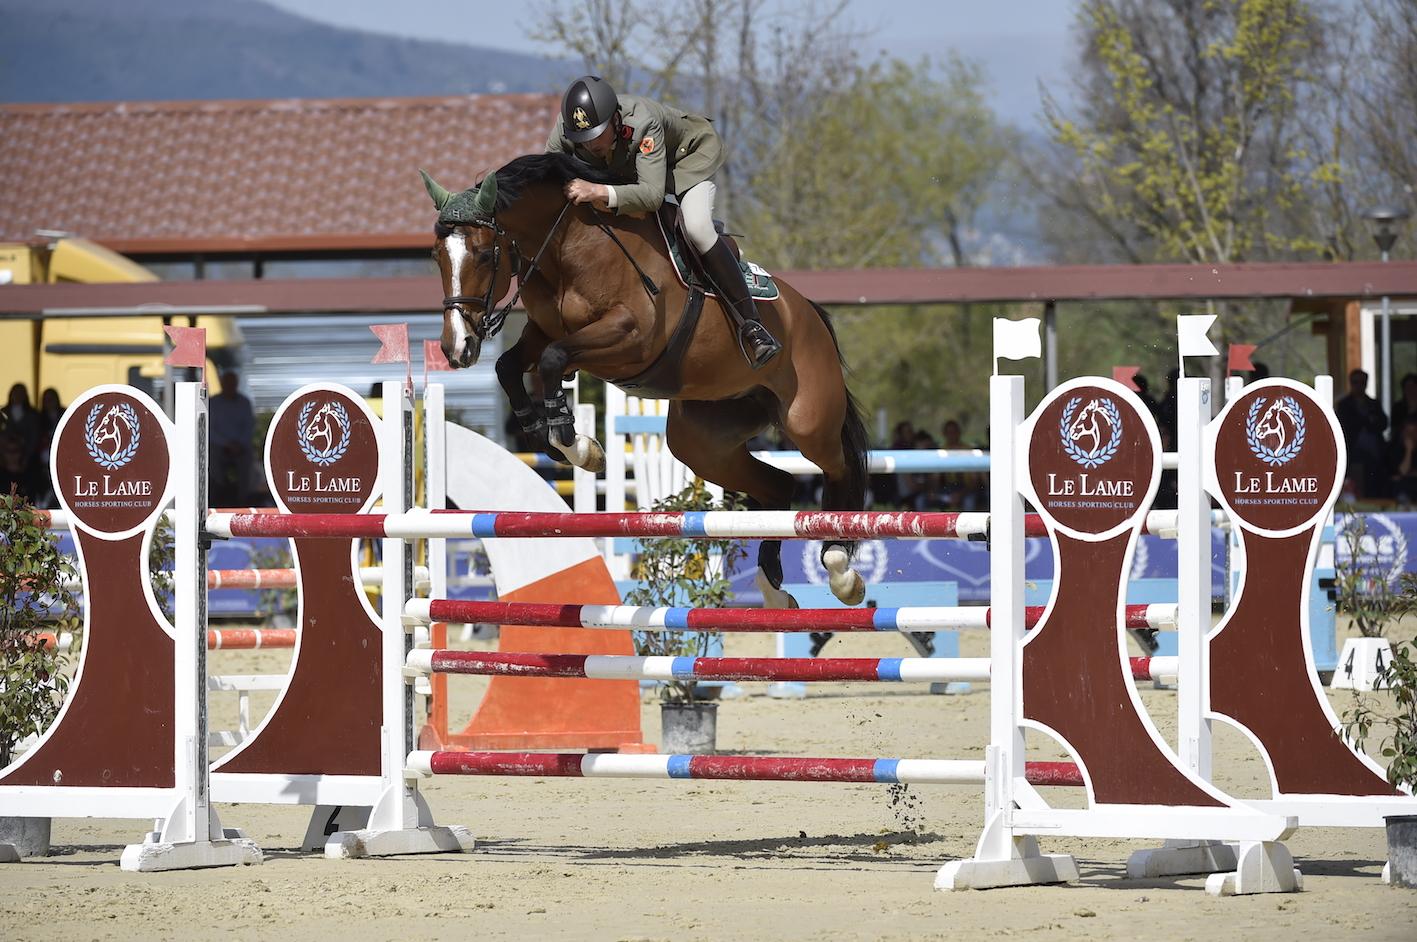 Horses Le Lame, il protagonista è Filippo Martini di Cigala